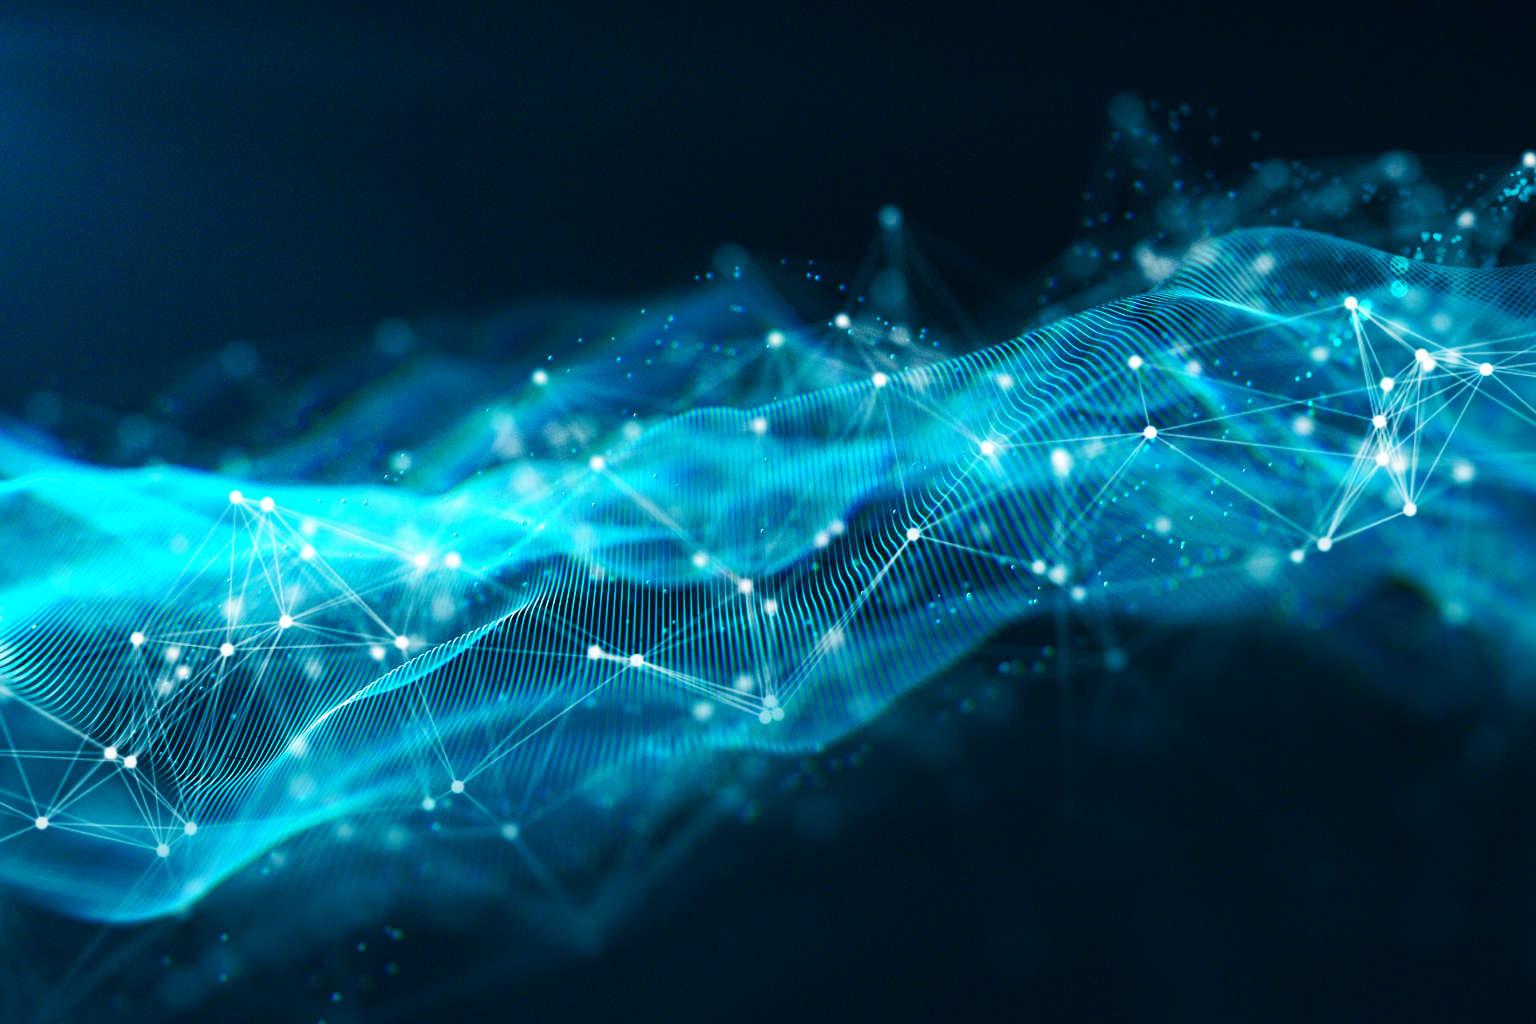 Technologien, um Vertragswissen nachhaltig zu managen.